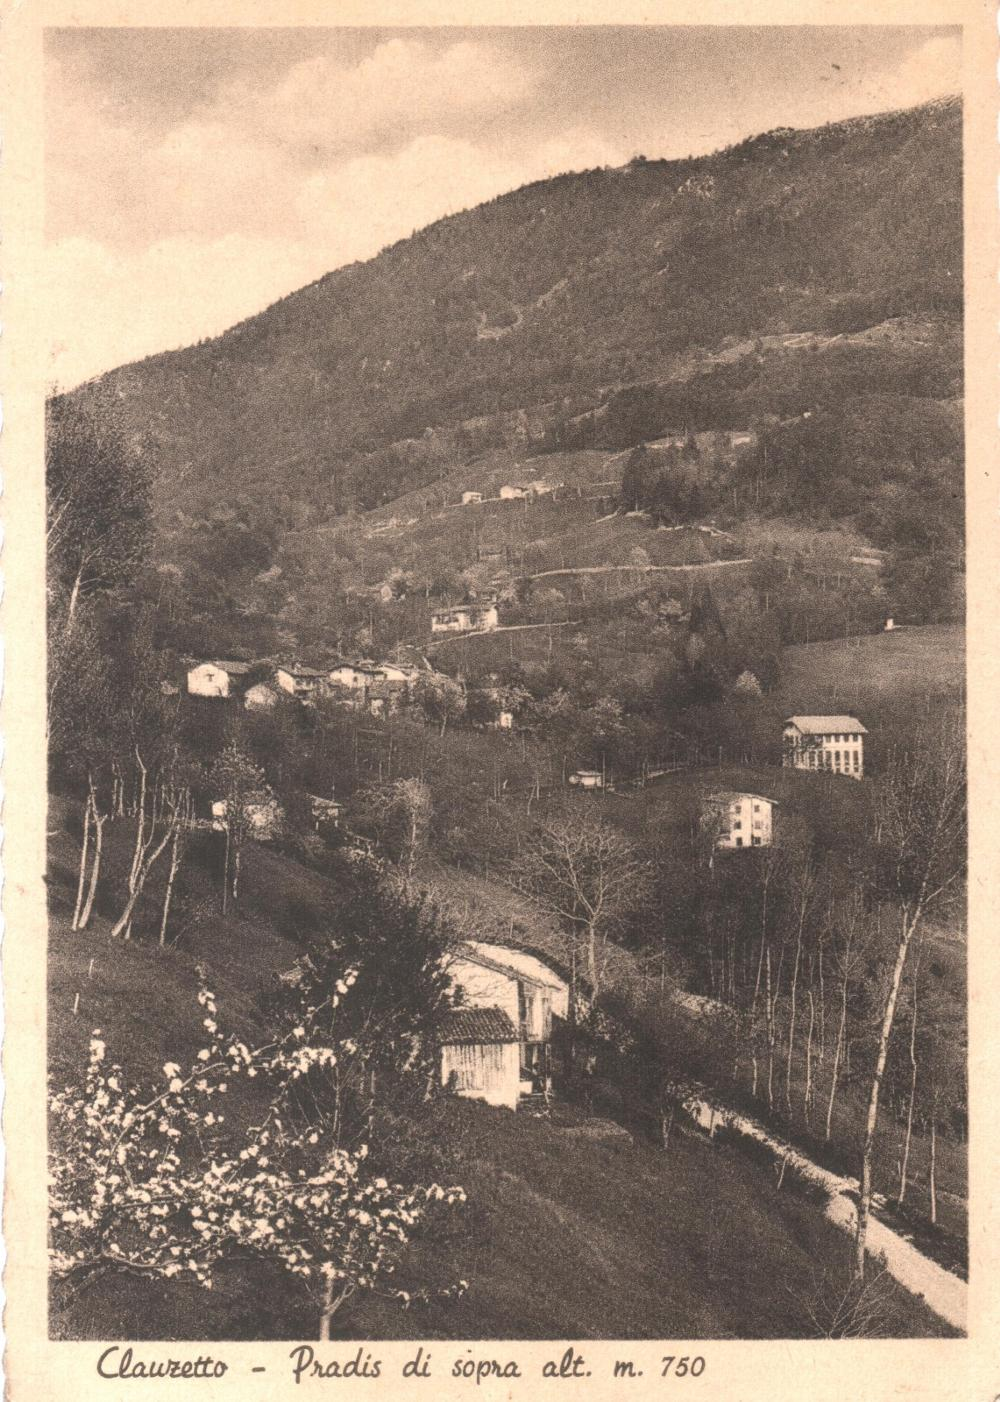 Pradis di sopra, anni '40